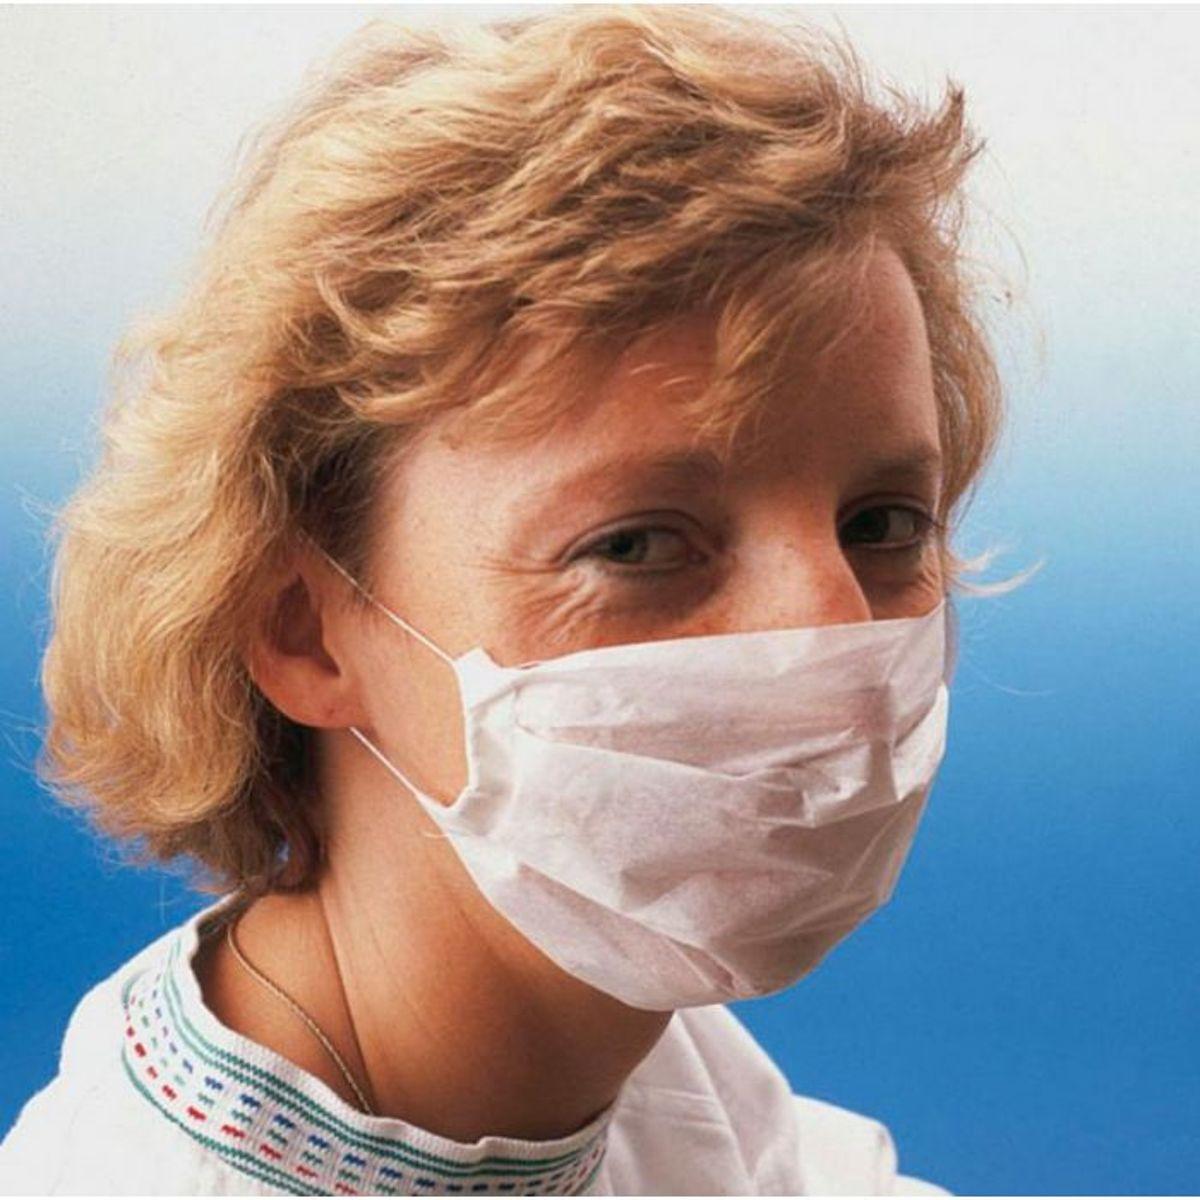 Medische mondkapjes WIT, 10 stuks - comforties